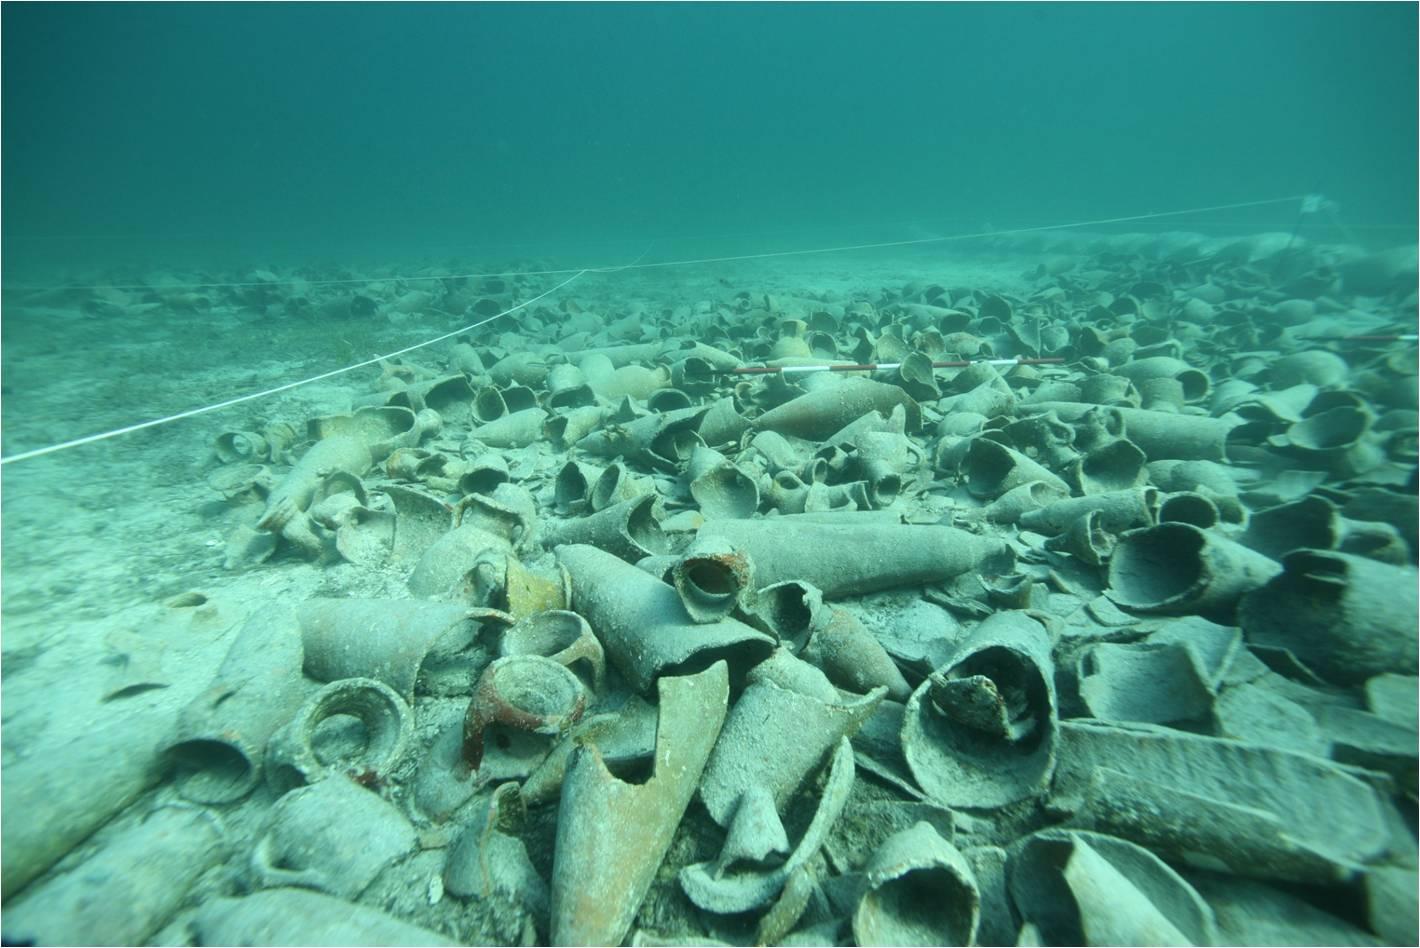 Riapre al pubblico il tesoro archeologico subacqueo dell'Asinara il sito sarà visitabile per tutta la stagione a partire dal 1 agosto al 15 settembre 2016.